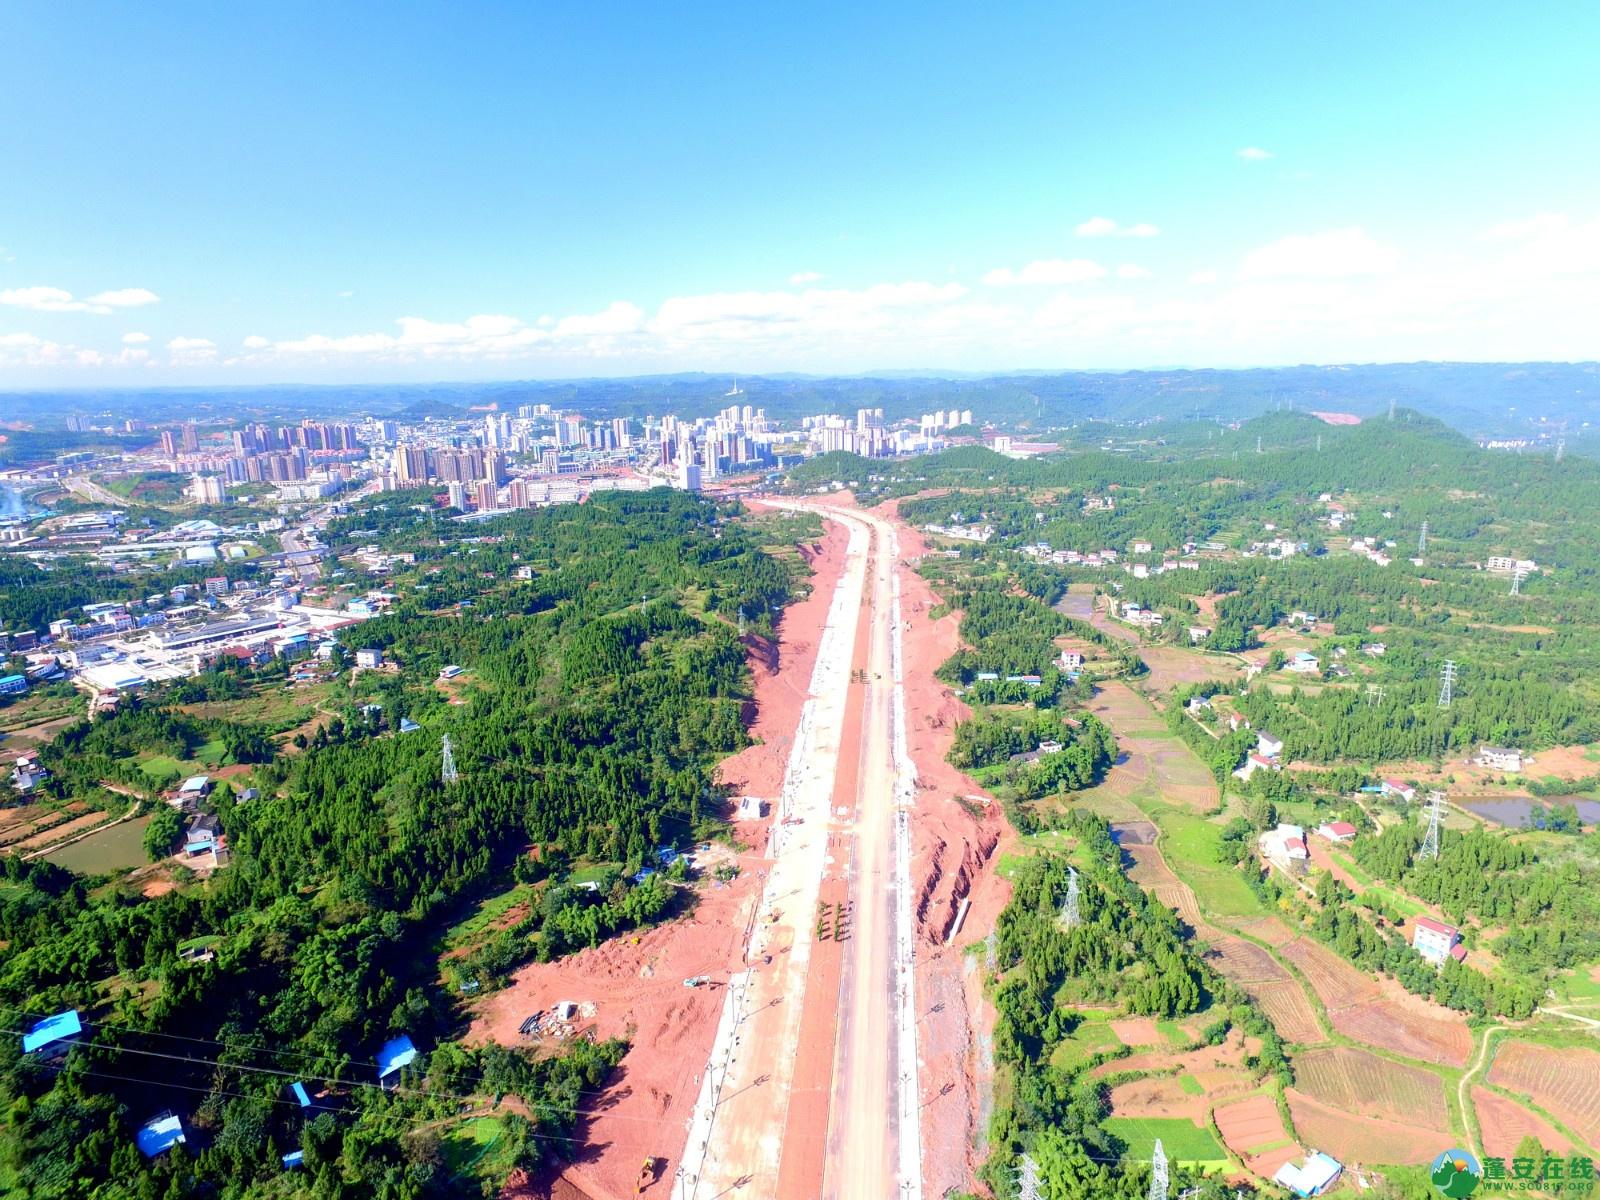 蓬安县燕山大道最新进展(2019.10.17) - 第9张  | 蓬安在线